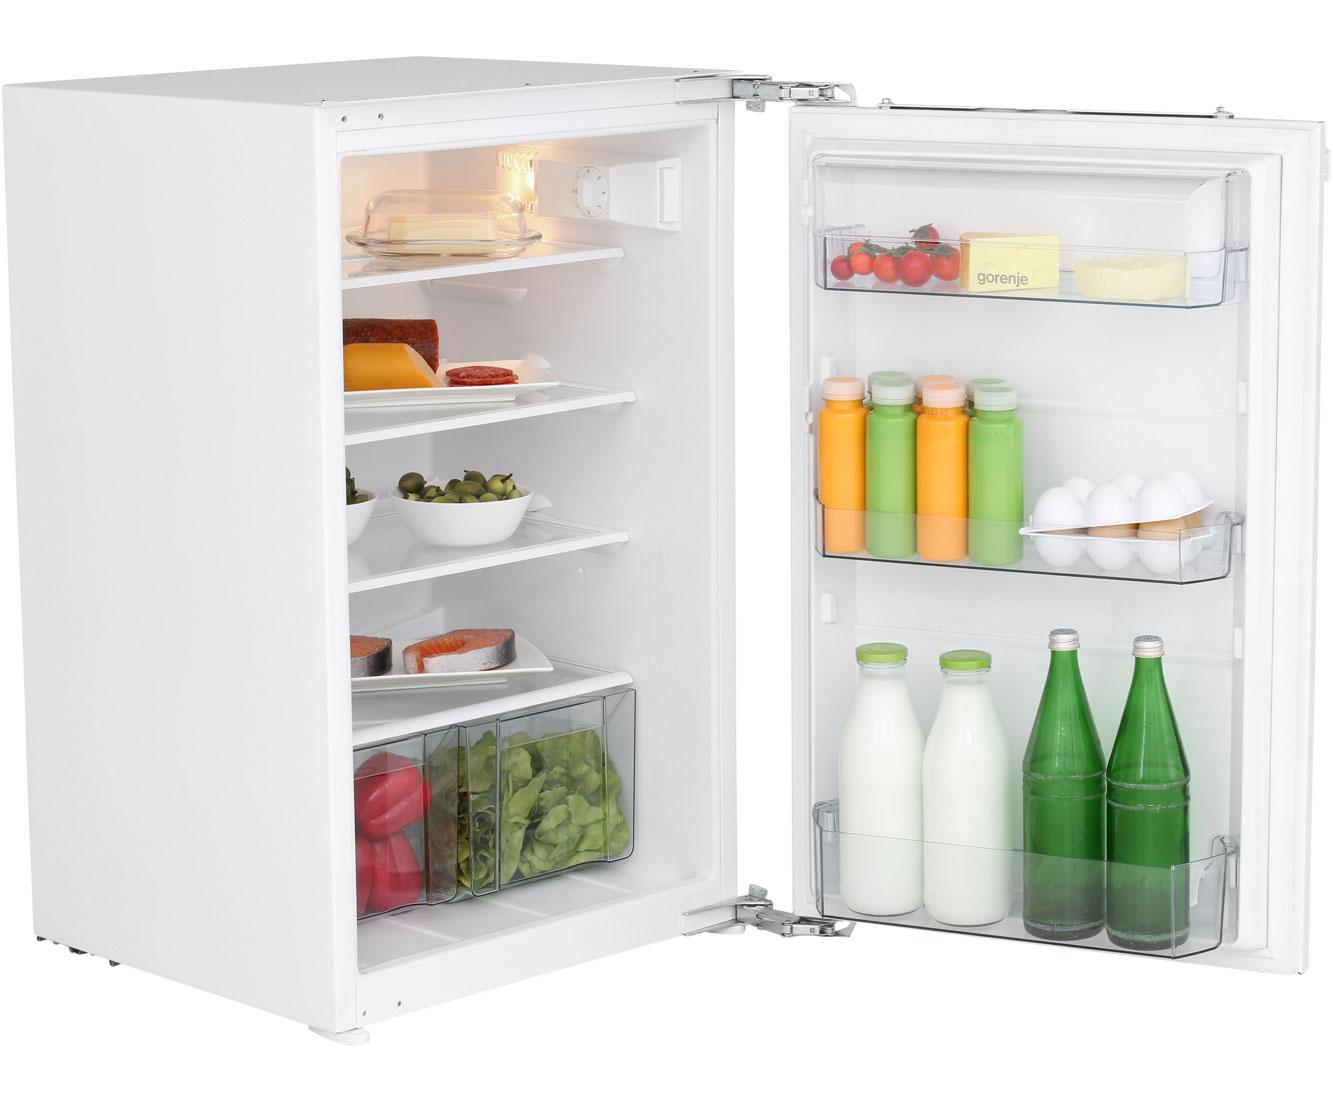 Amica Uks16158 Kühlschrank : Rabatt preisvergleich weiße ware u e kühlen gefrieren u e kühlschrank